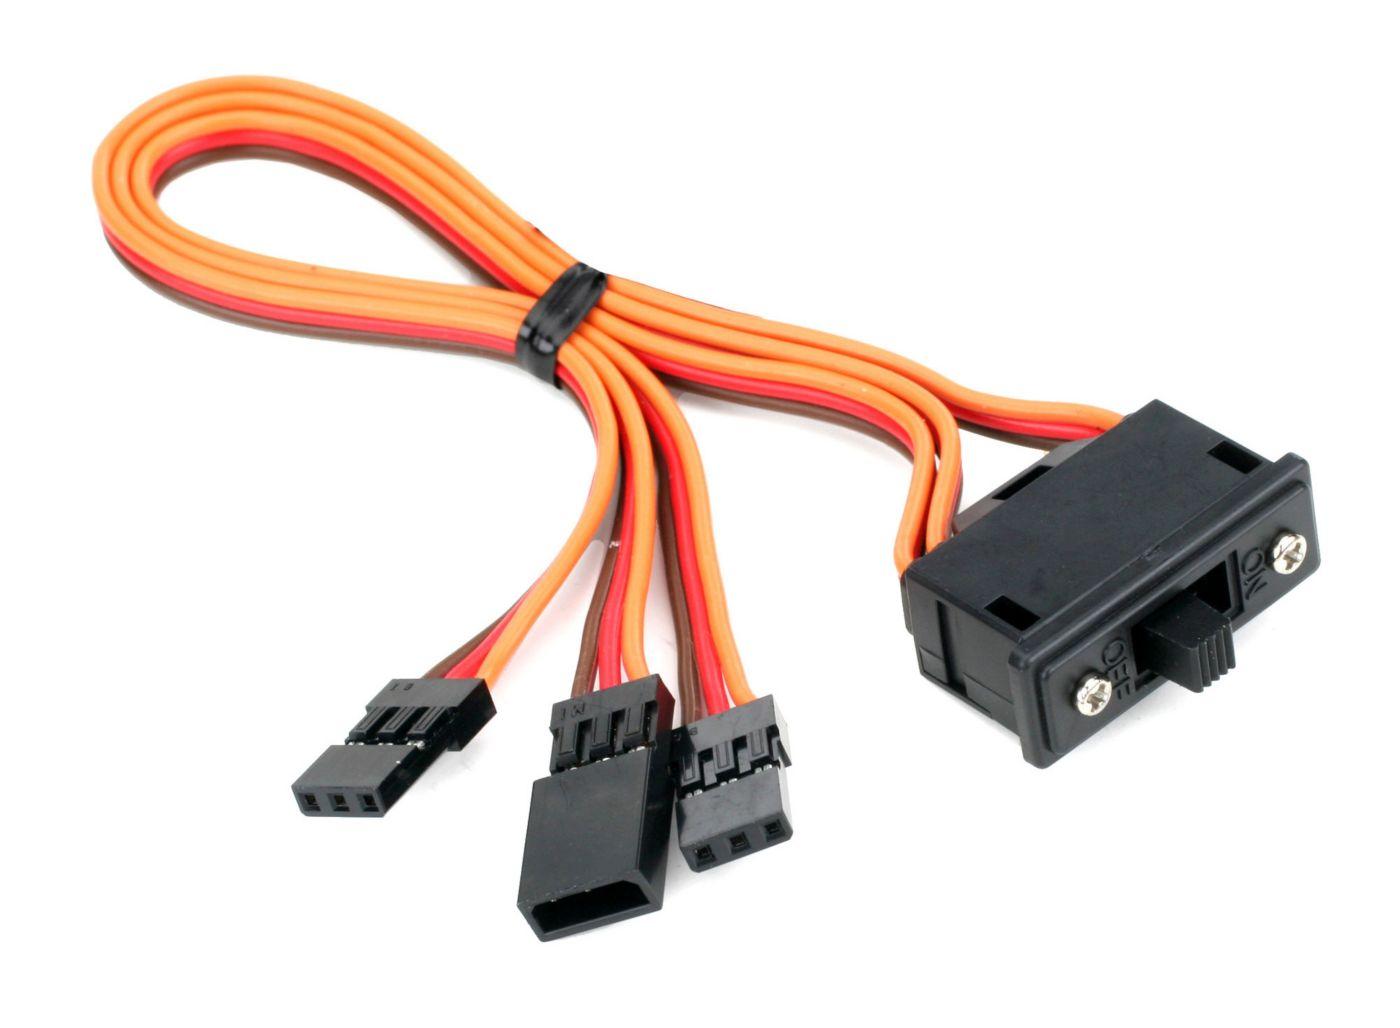 SPM9530_a0?wid=1400&hei=778 spektrum 3 wire switch harness horizonhobby 3 wire harness at honlapkeszites.co